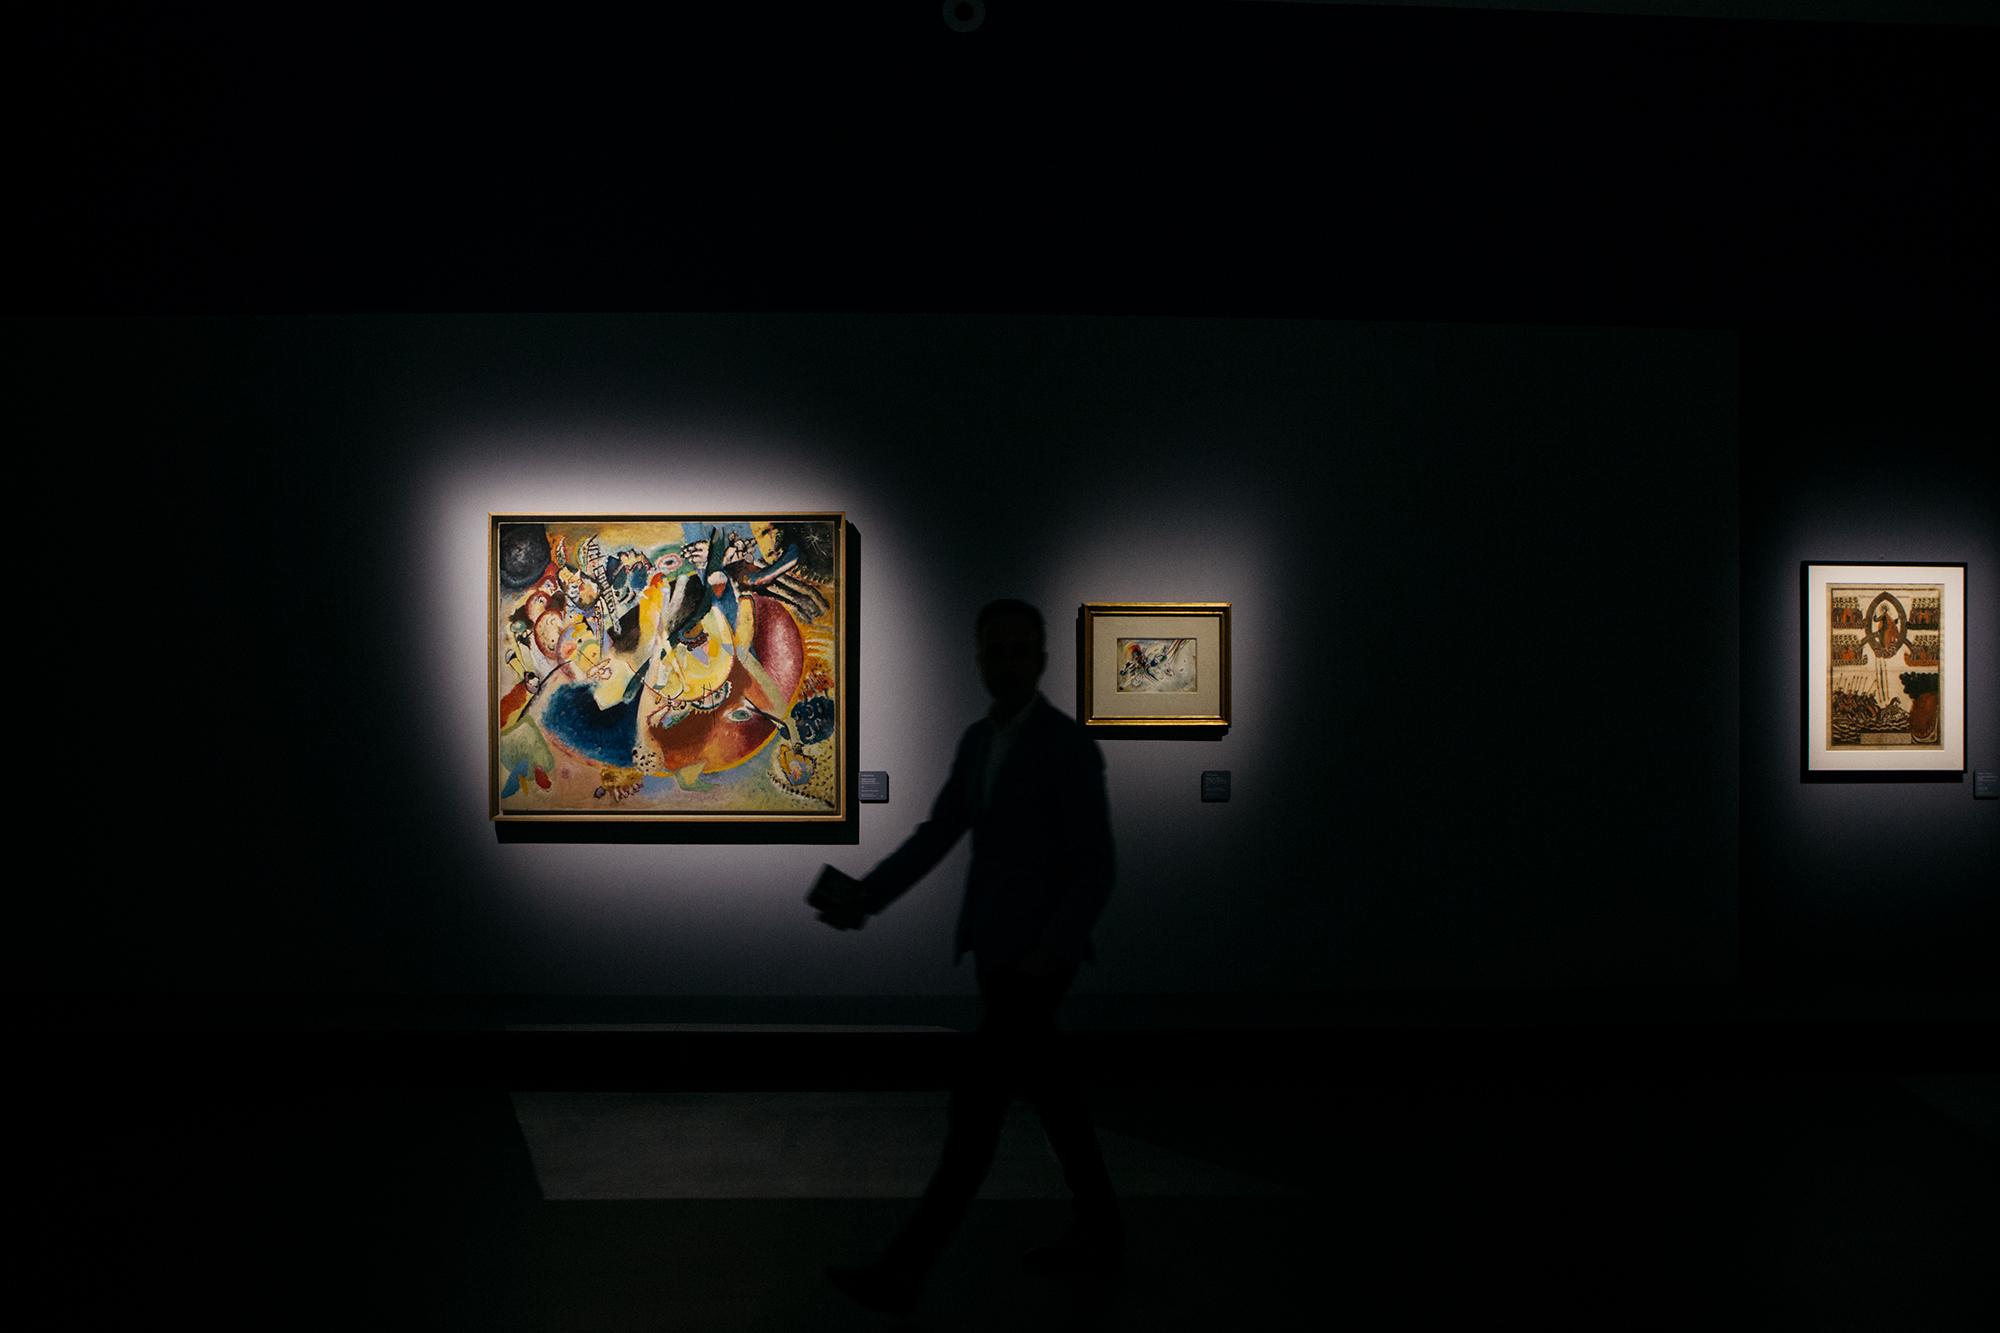 """Il primo lavoro astratto nell'opera creativa di Vasilij Kandinskij, e in generale la prima astrazione al mondo, è considerato """"Quadro con cerchio"""", dipinto nel 1911 e oggi conservato al Museo Nazionale della Georgia, a Tbilisi"""